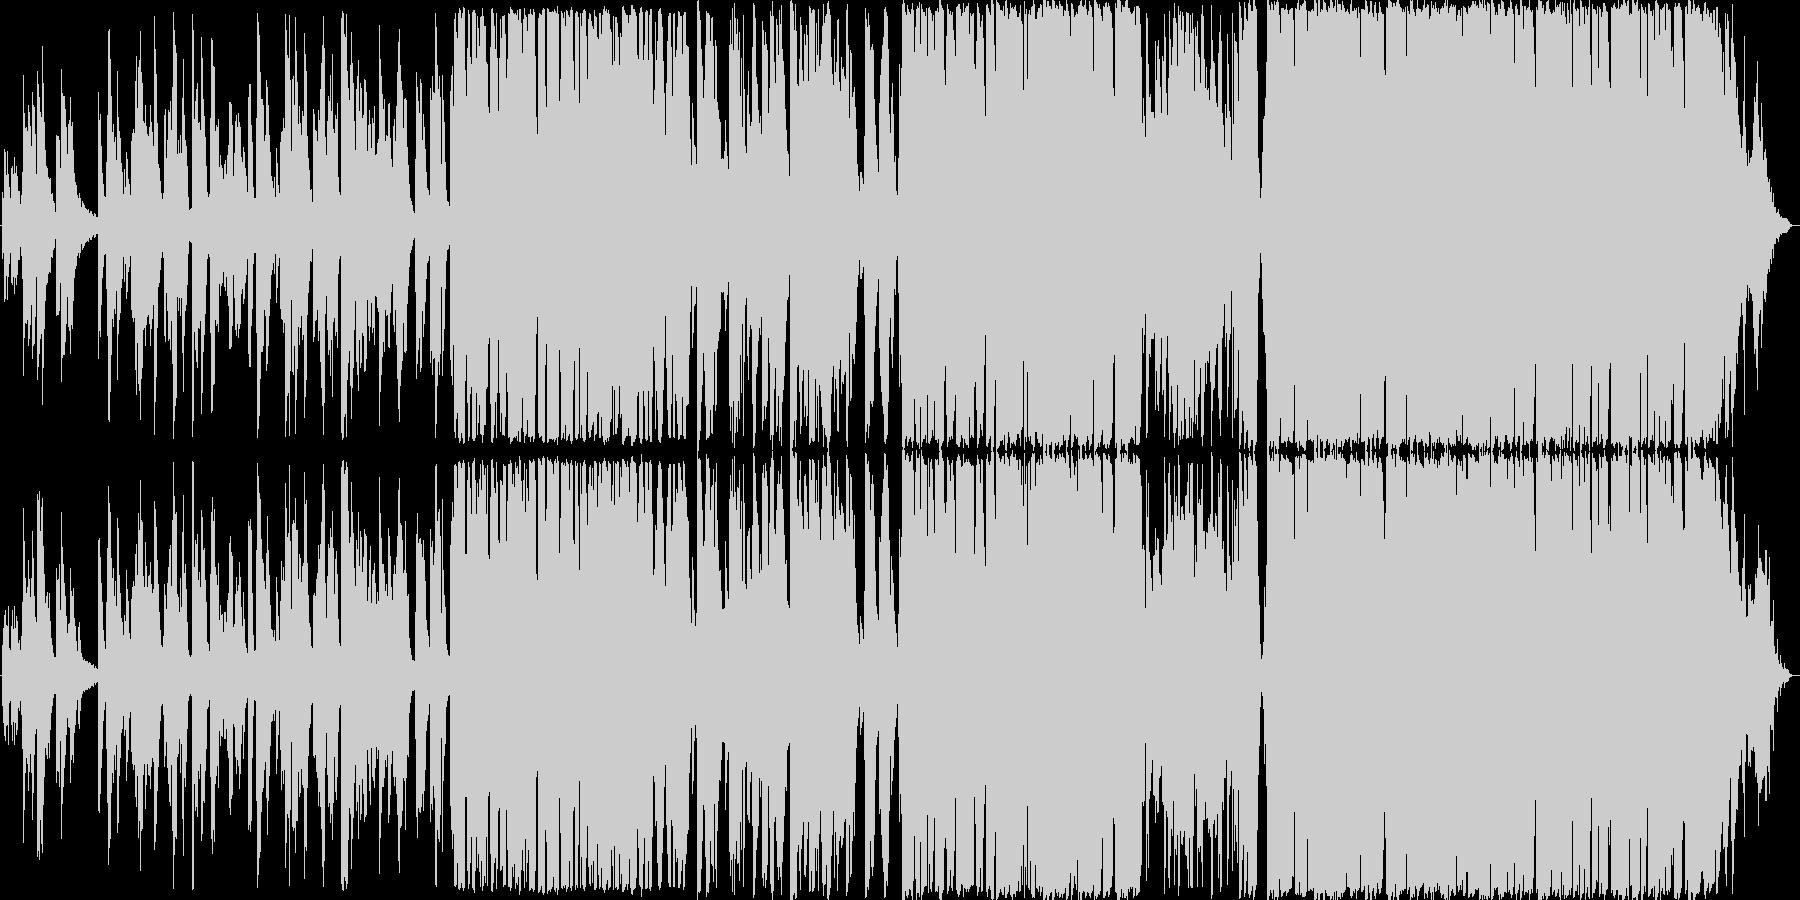 ウェディングソングにぴったりなバラードの未再生の波形